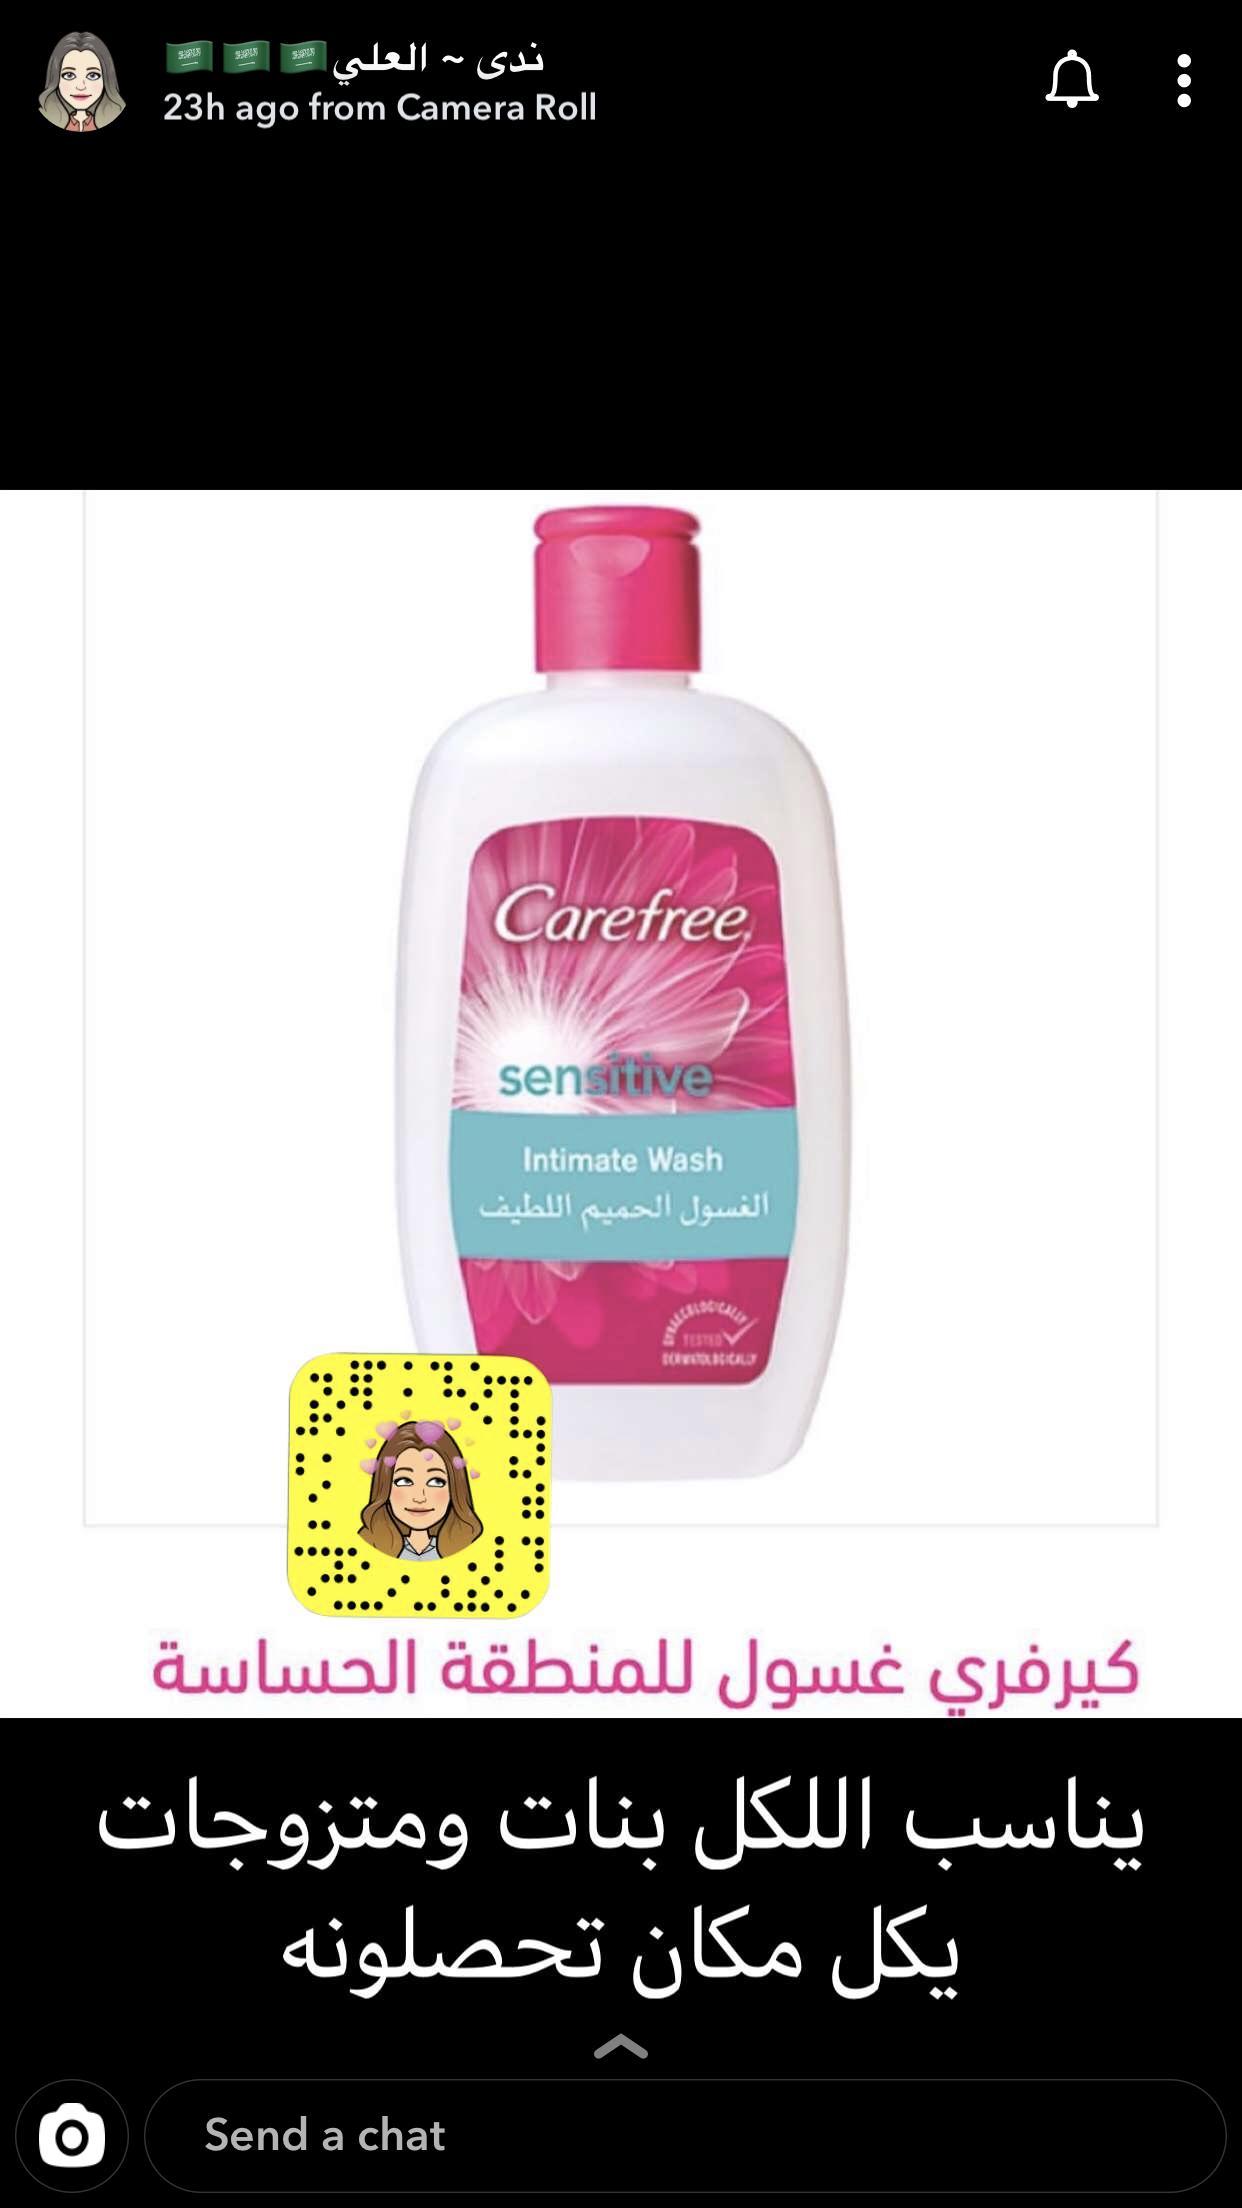 Pin By Rahma Abufarha On Skin Care Mask Intimate Wash Skin Care Mask Hand Soap Bottle